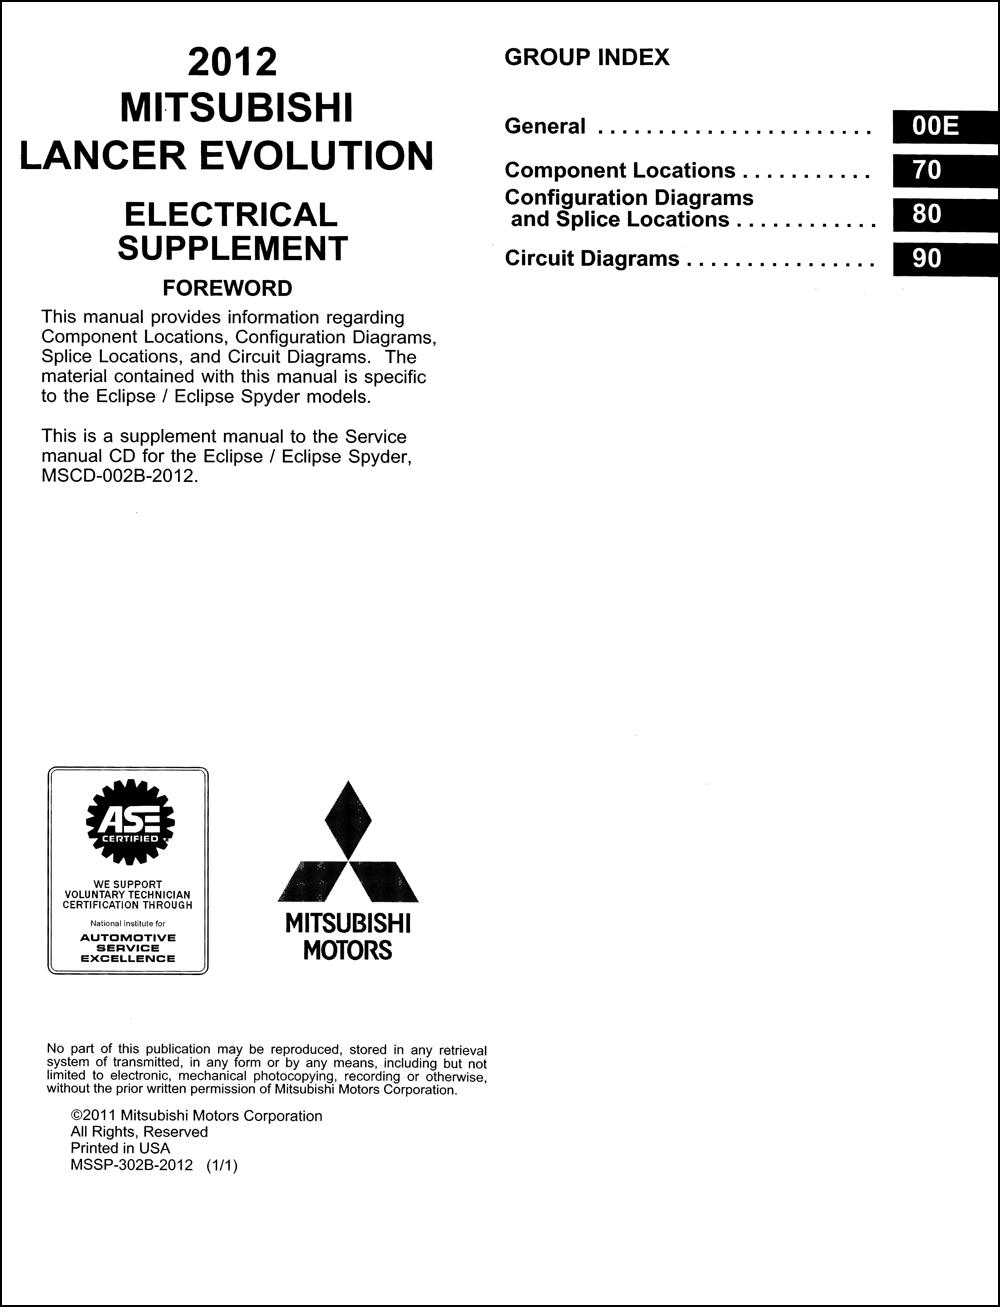 2004 Mitsubishi Lancer Evolution Wiring Diagram Original